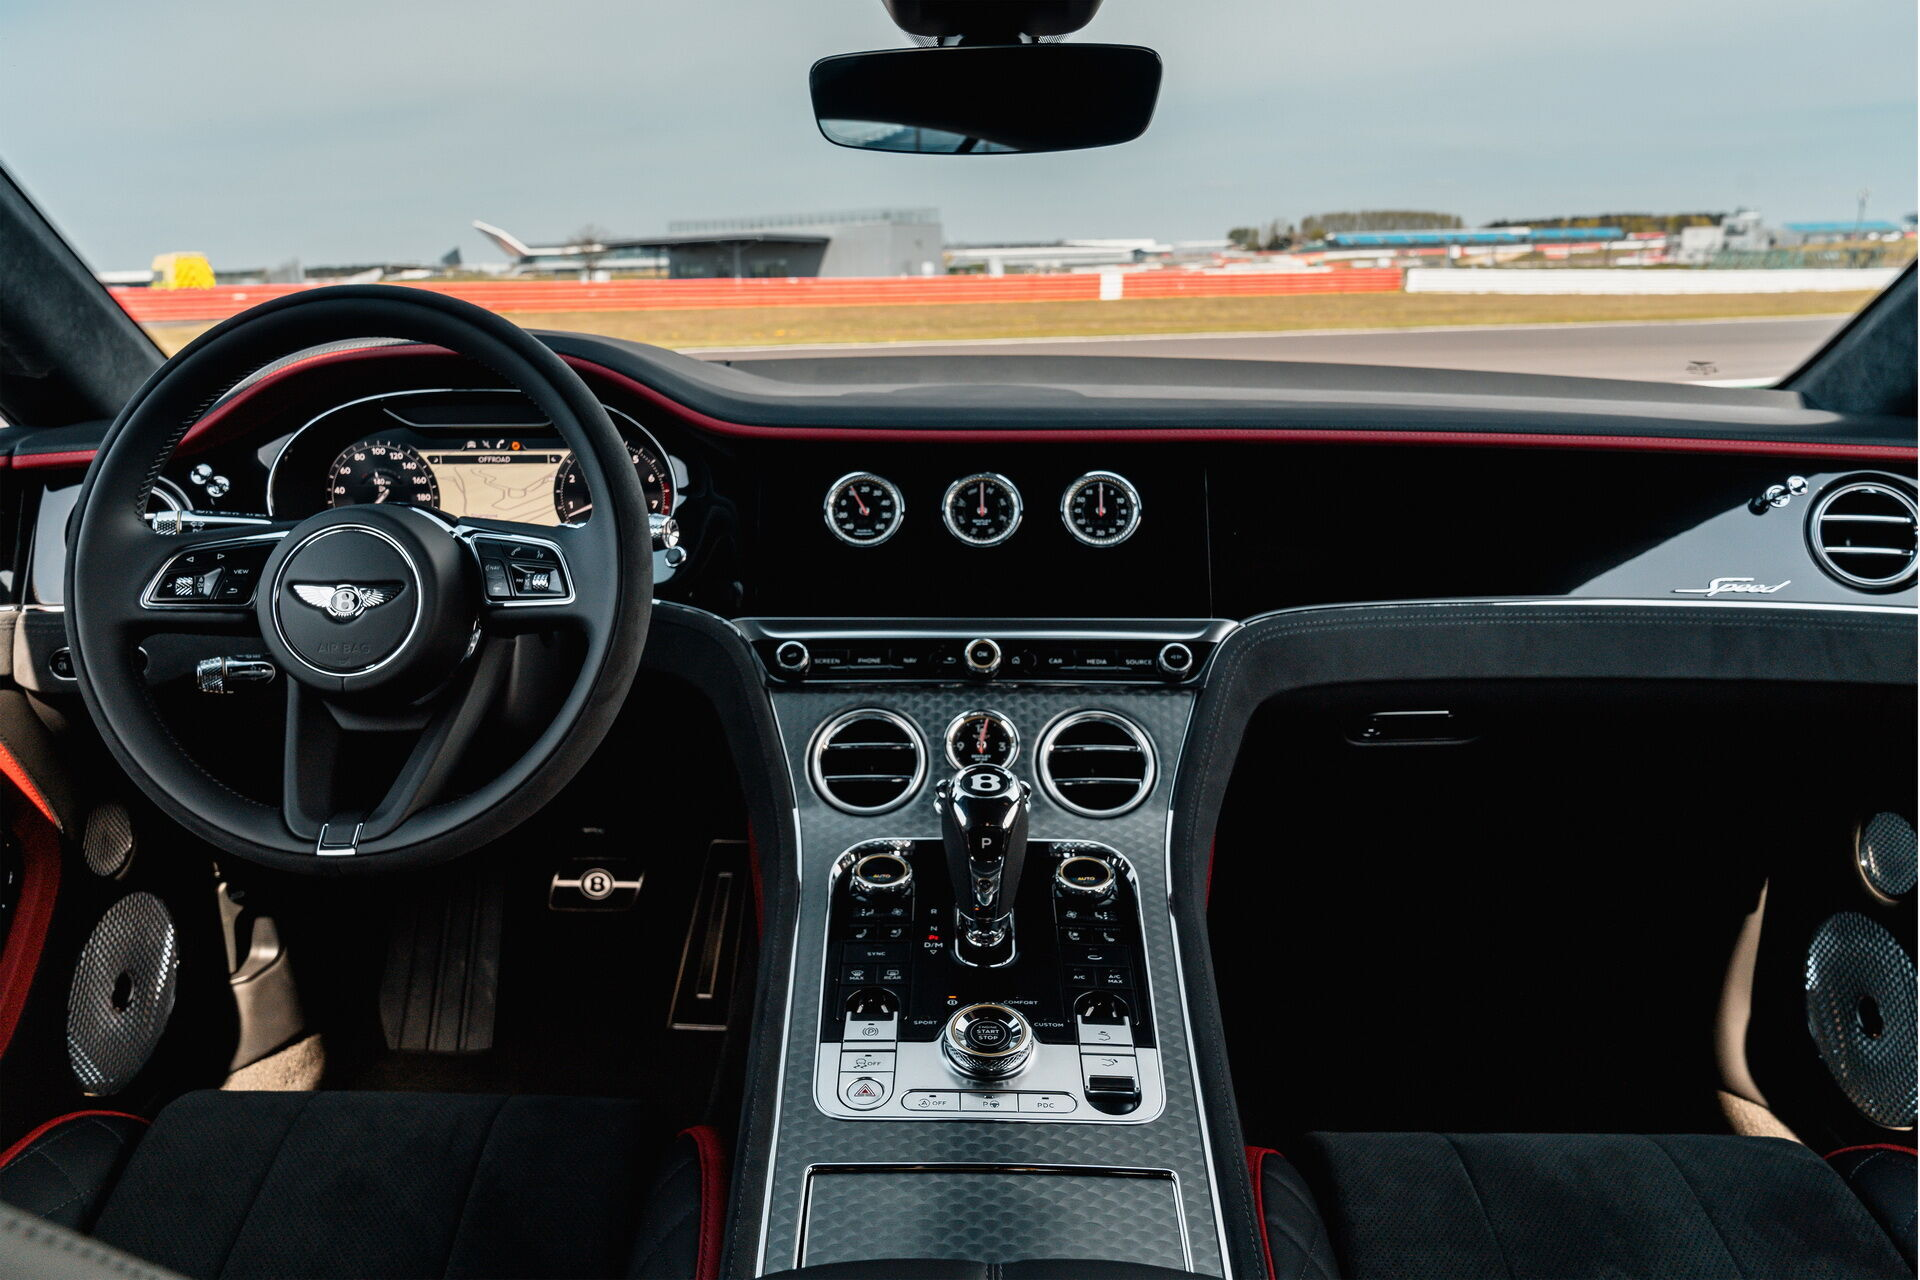 8-ступенчатая DCT в режиме Sport переключается вдвое быстрее, чем на обычном Continental GT.